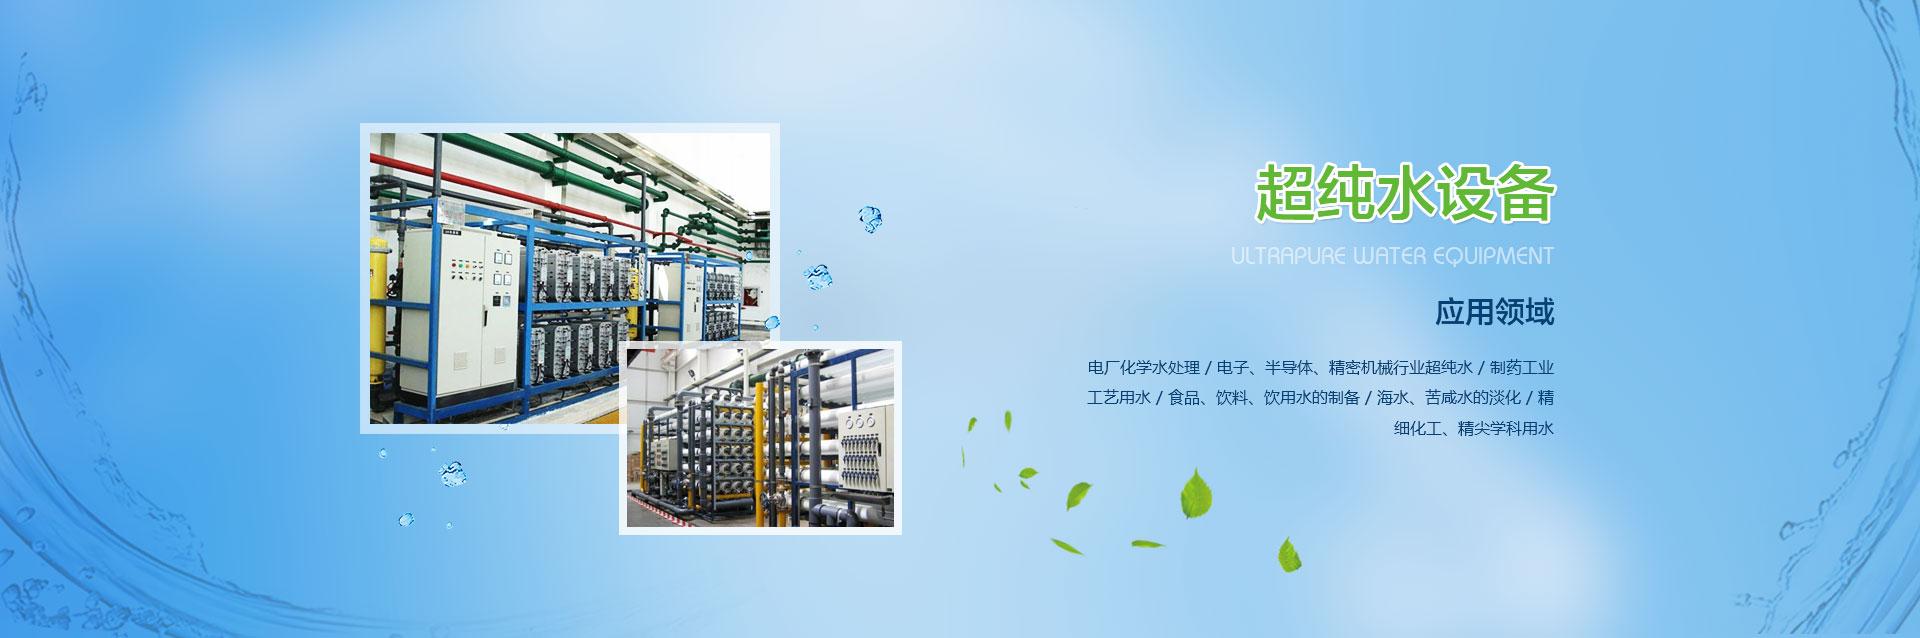 纯水设备维修